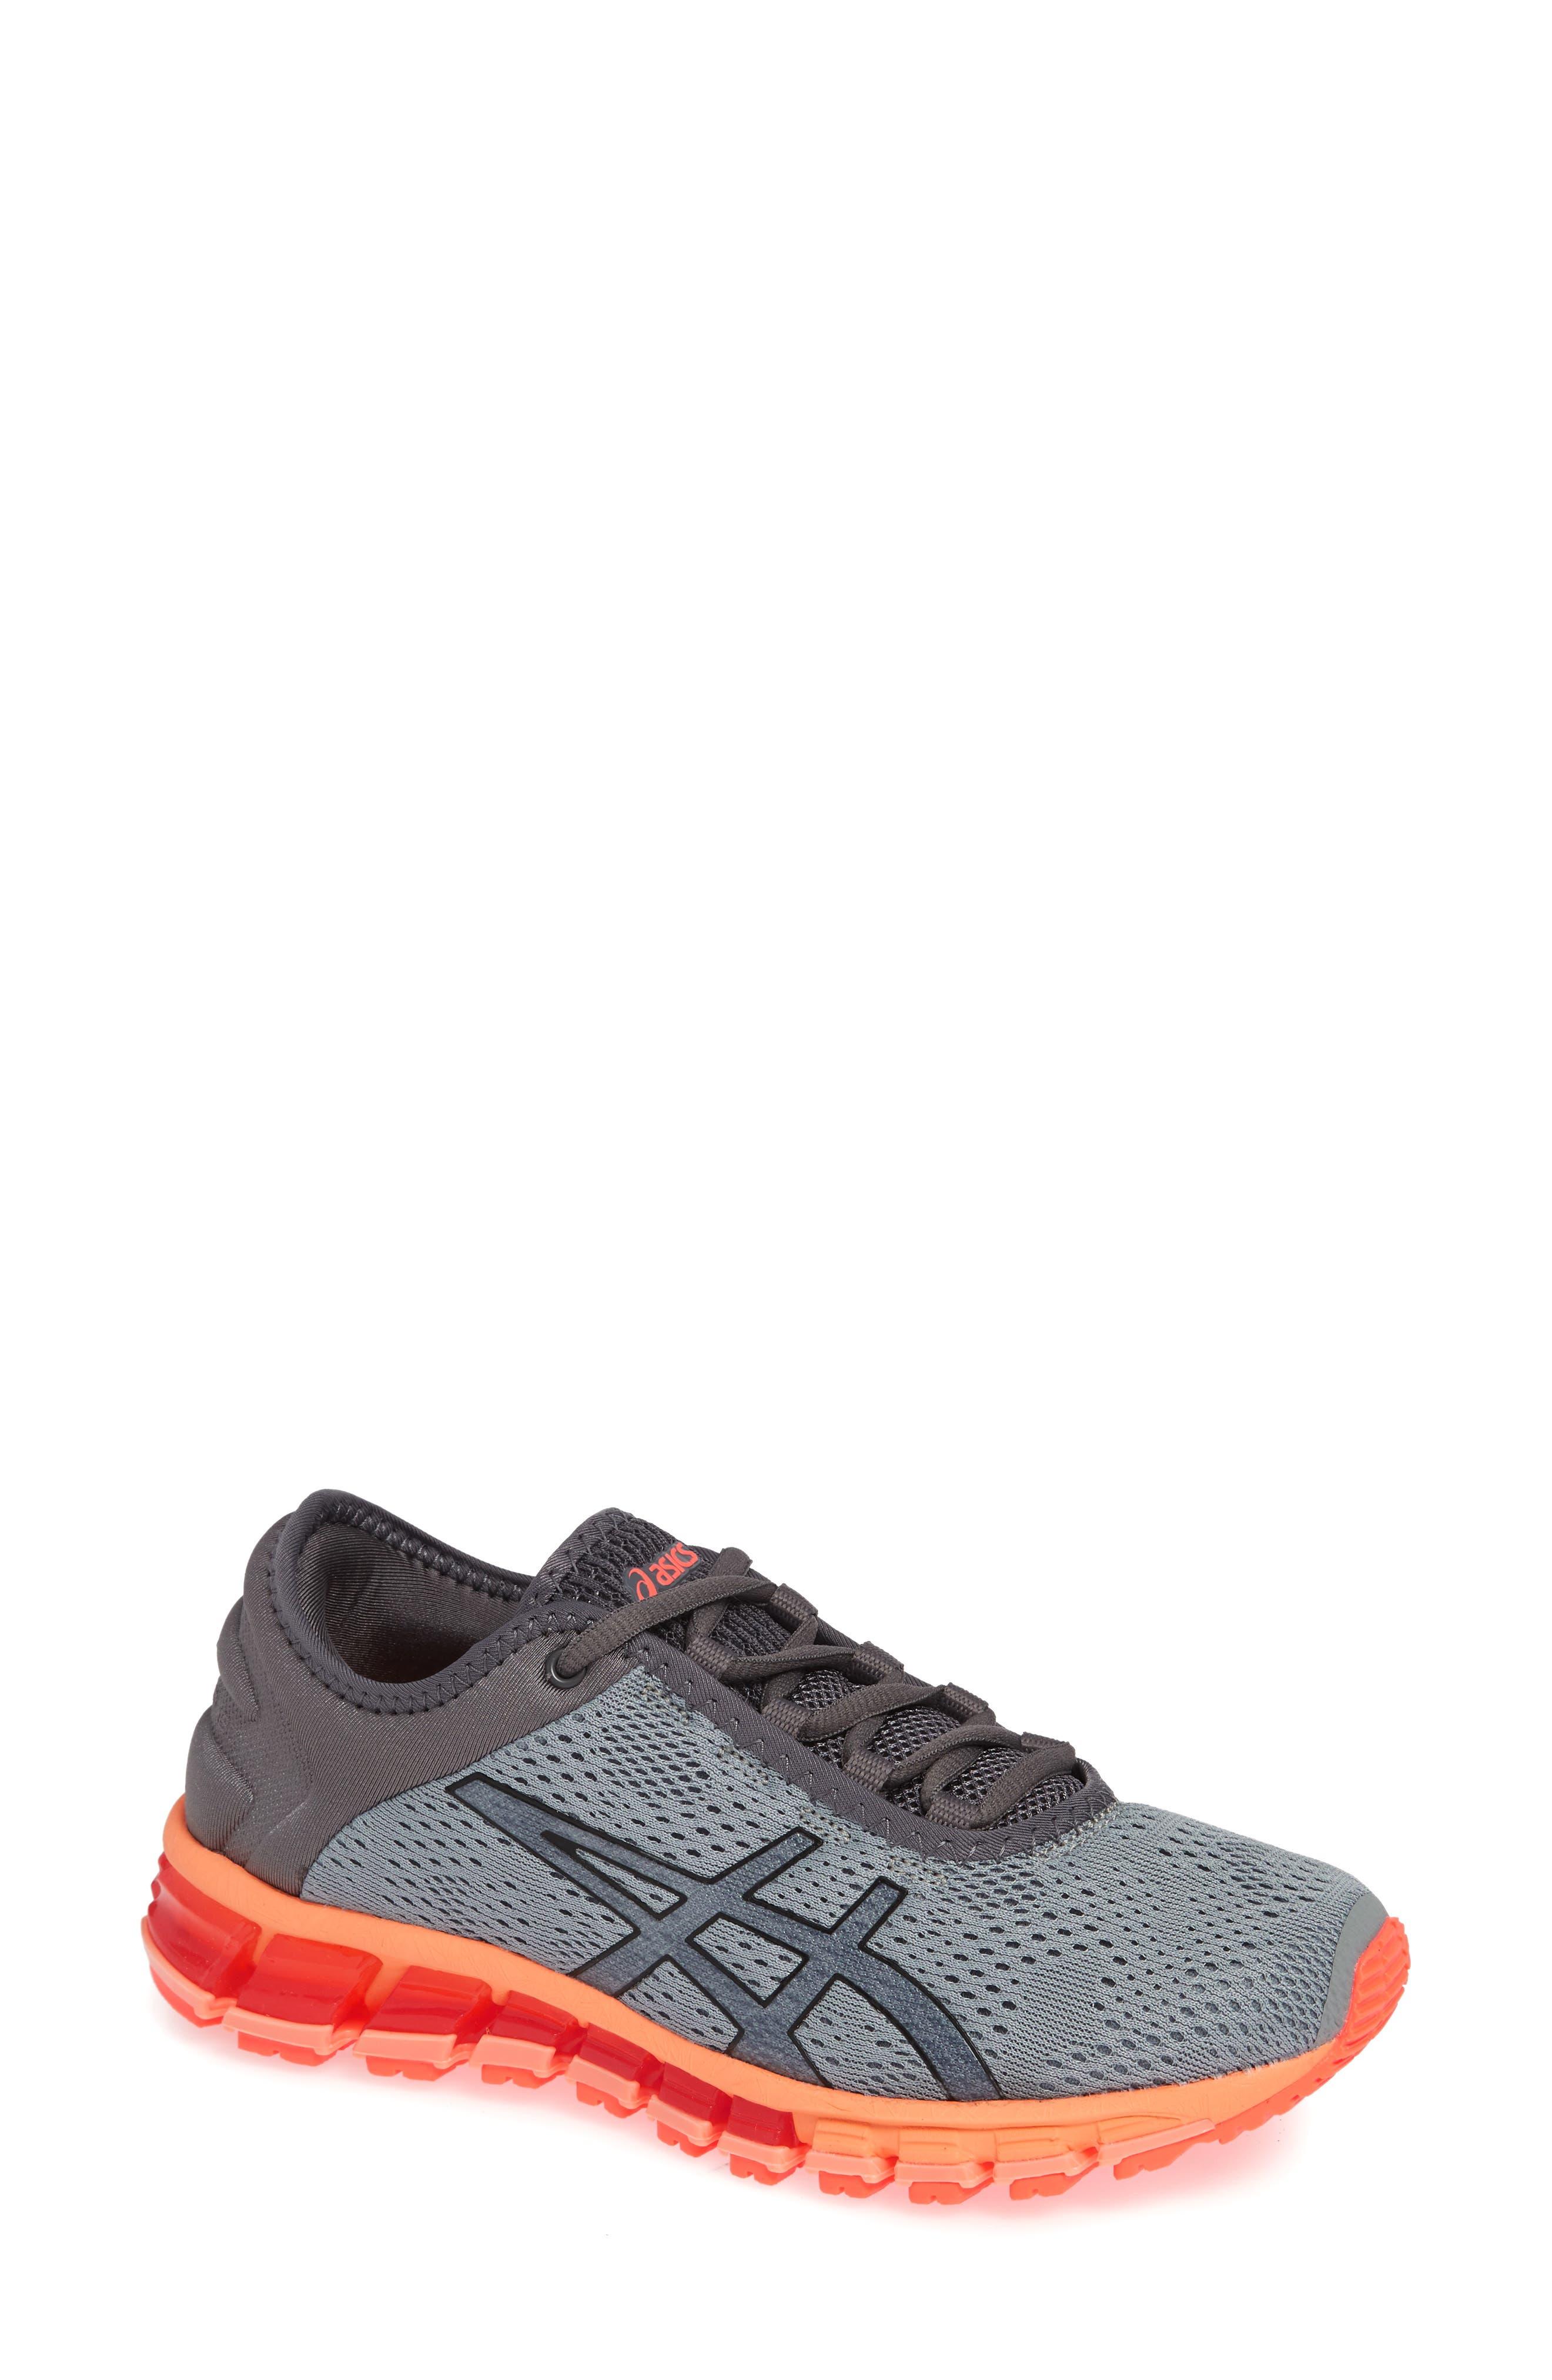 GEL Quantum 180 3 Running Shoe,                         Main,                         color, 020